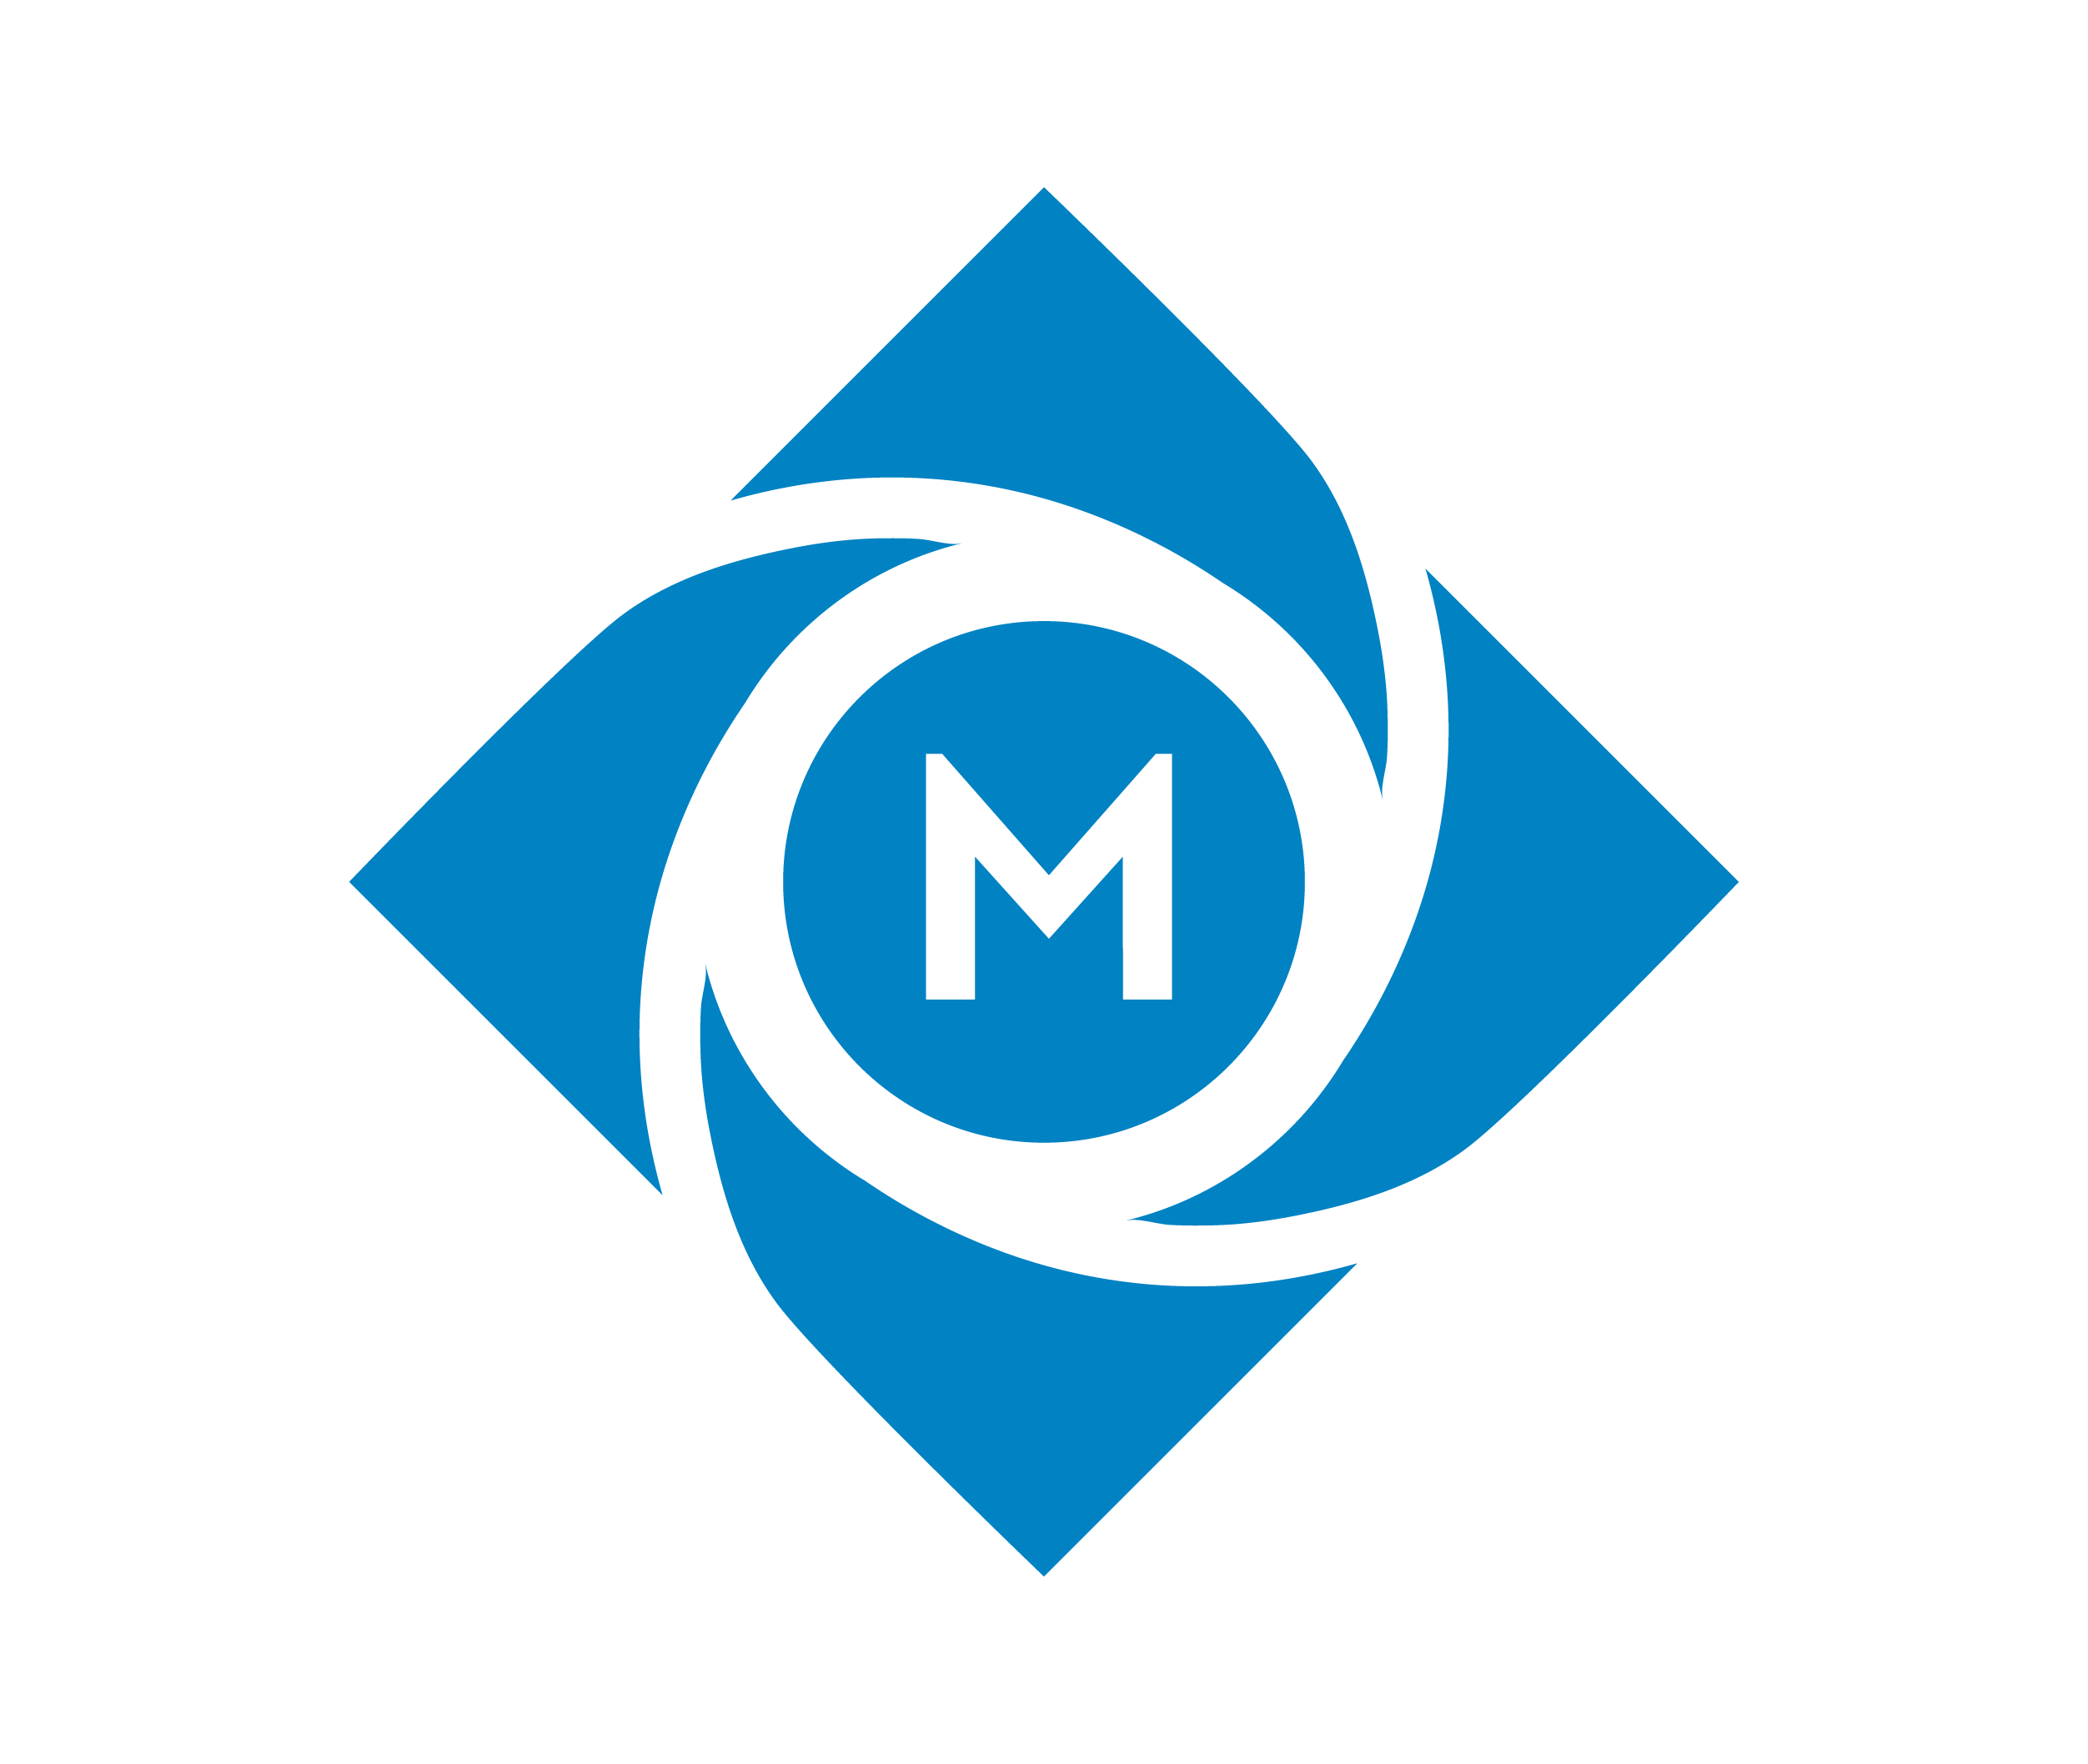 Muster Blue logo Mark